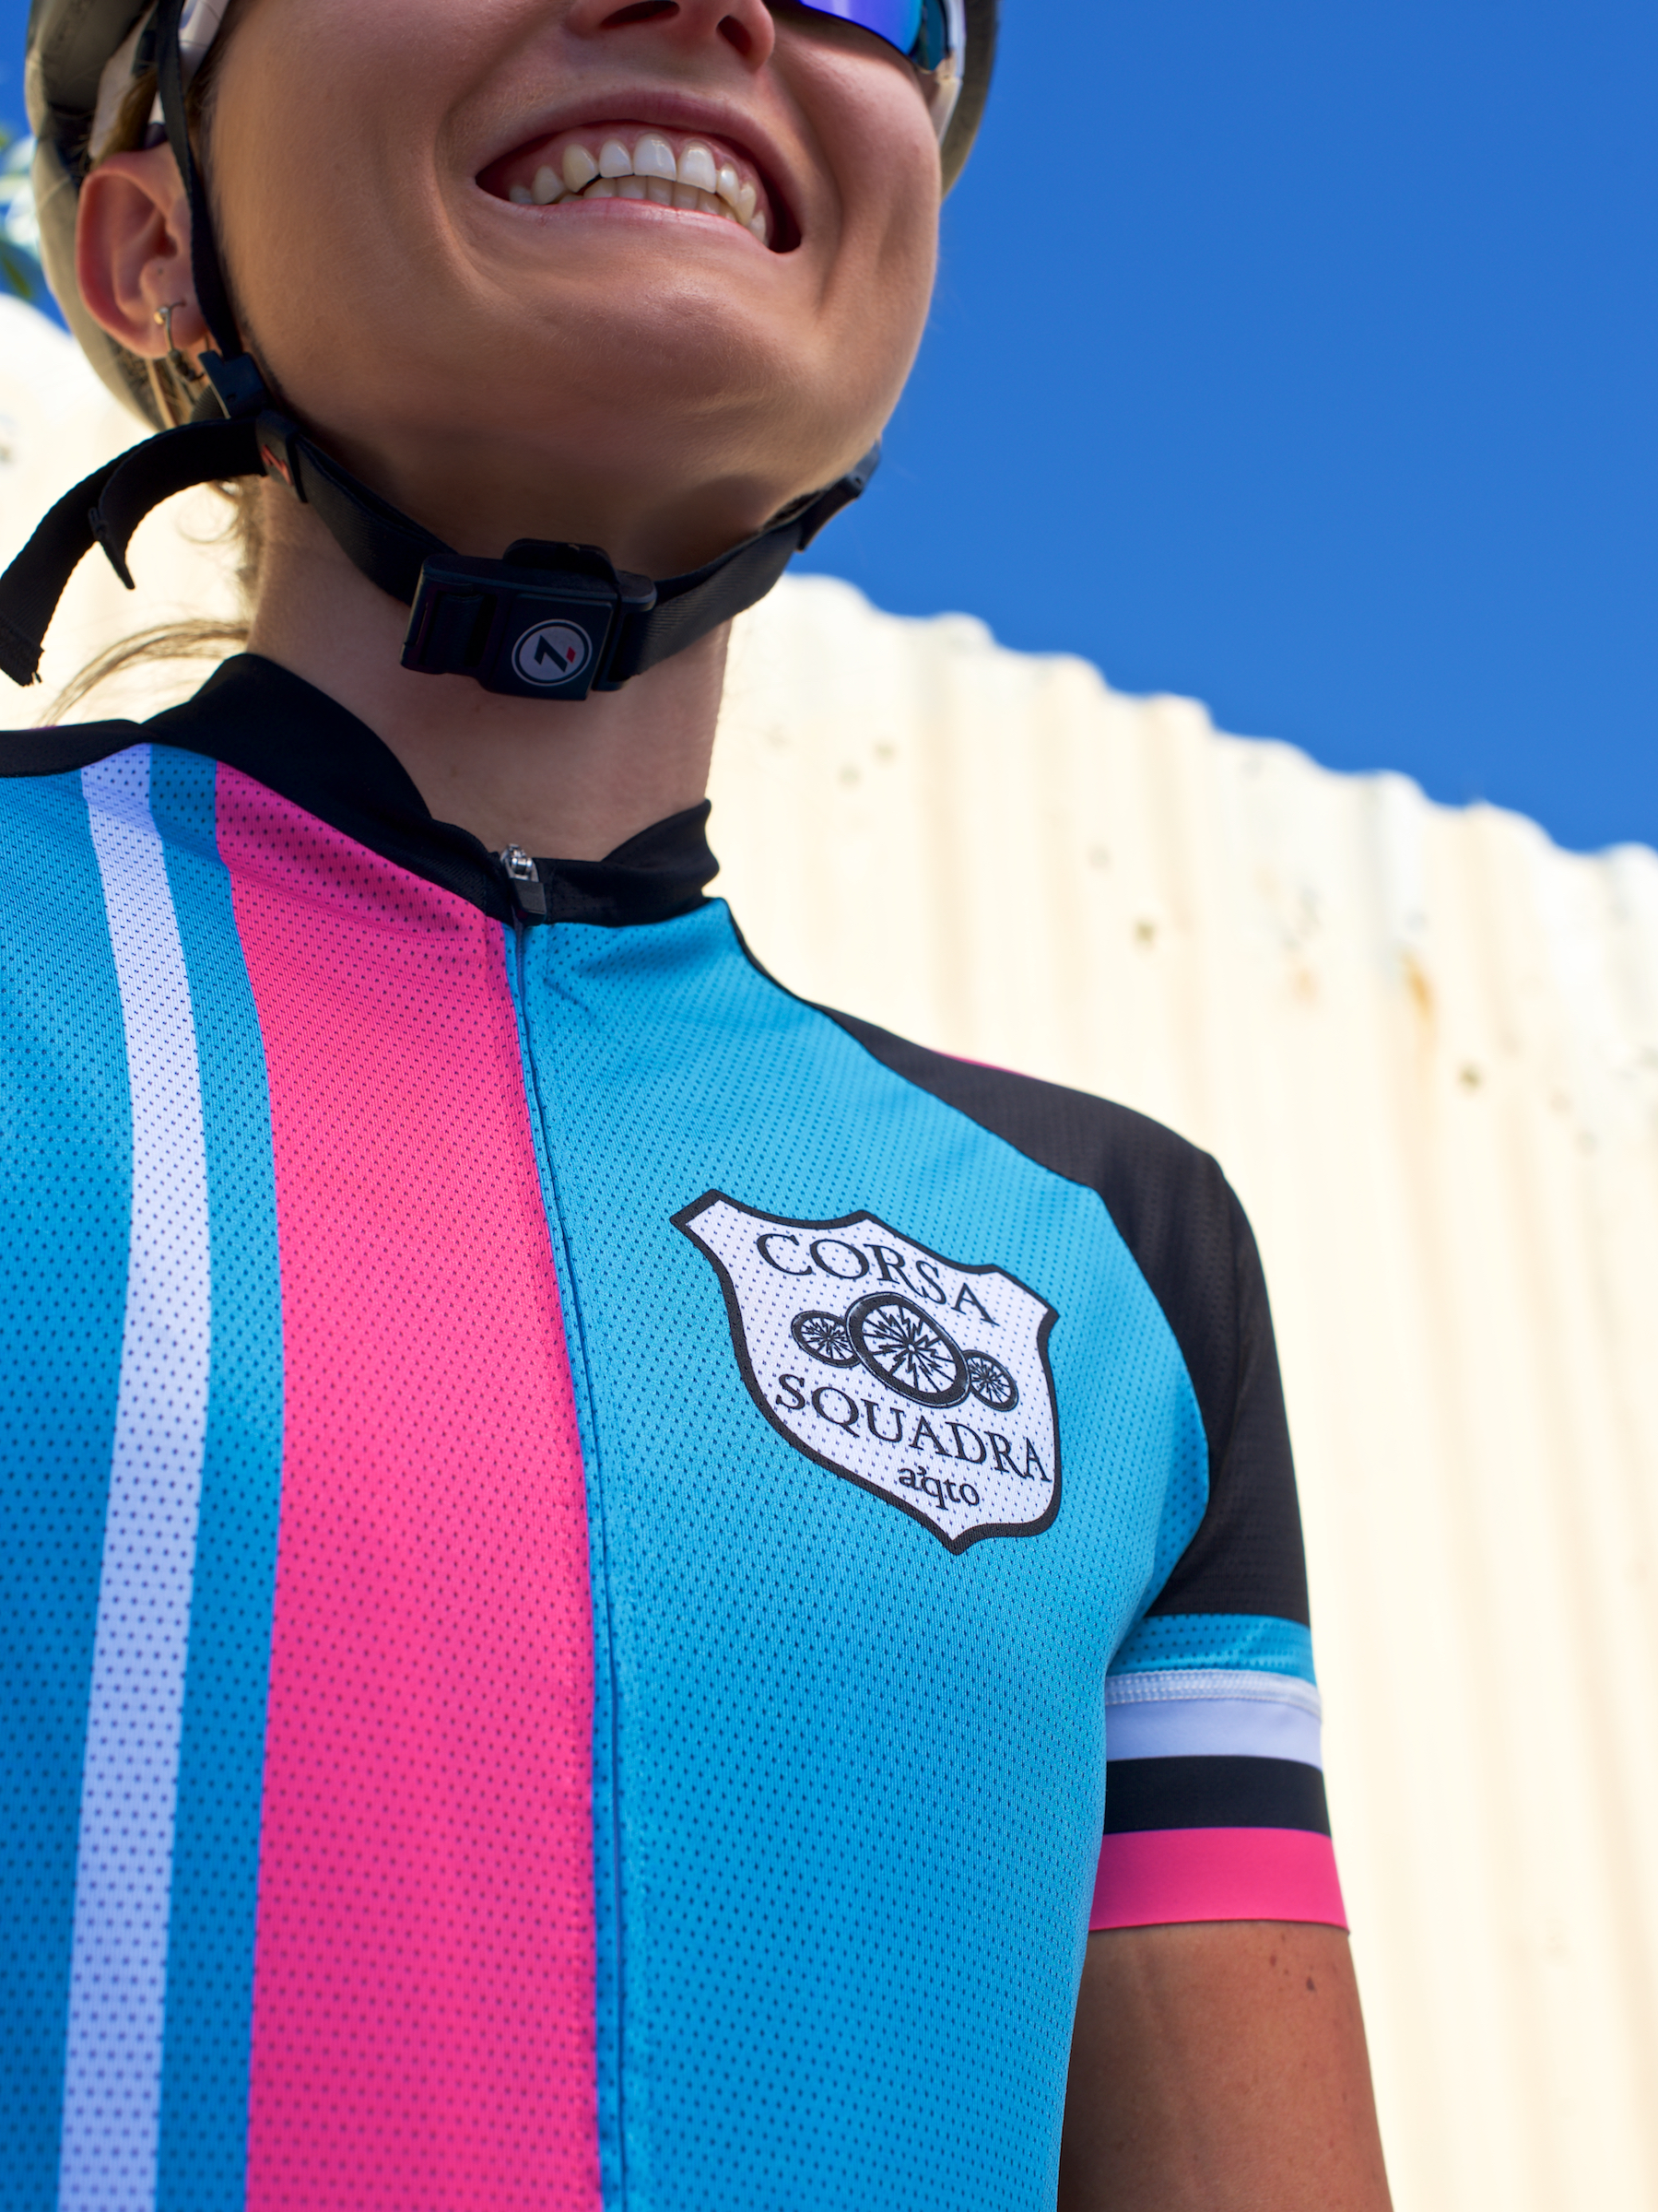 A'qto Cycling 016.jpg